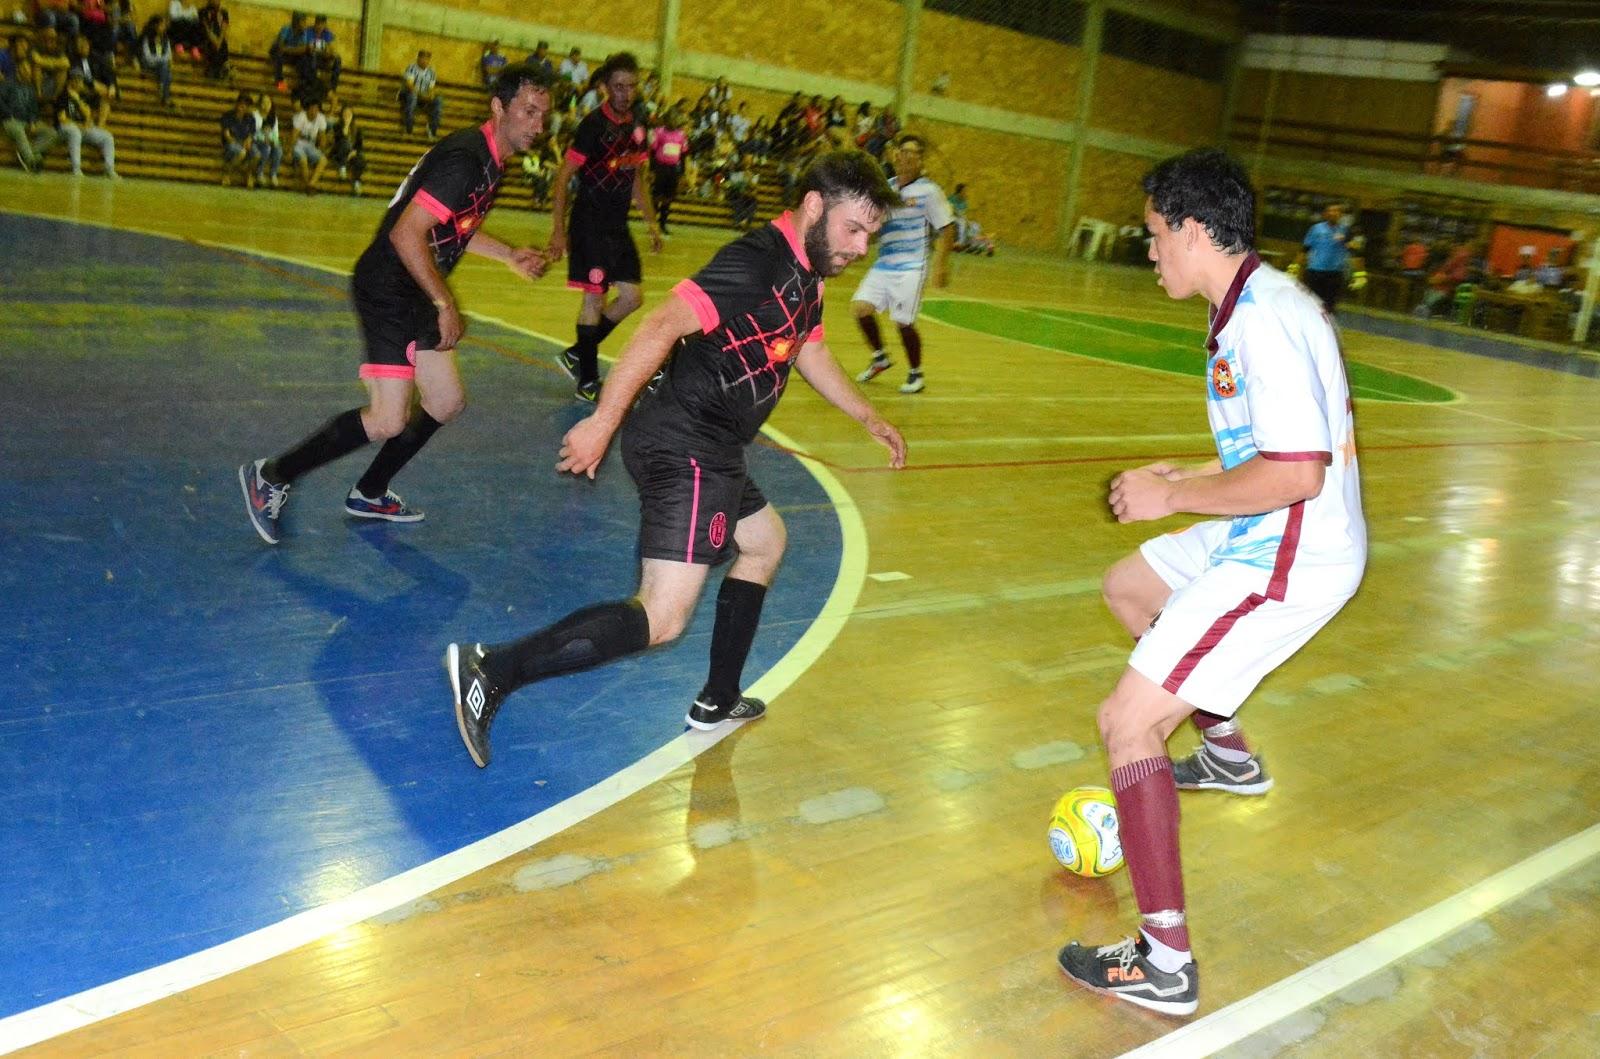 ac90f912a483c ... partida entre J.A Futsal e Black Killers os torcedores foram chegando e  as arquibancadas do Ginásio de Esportes ficando quase lotadas para ver o  grande ...